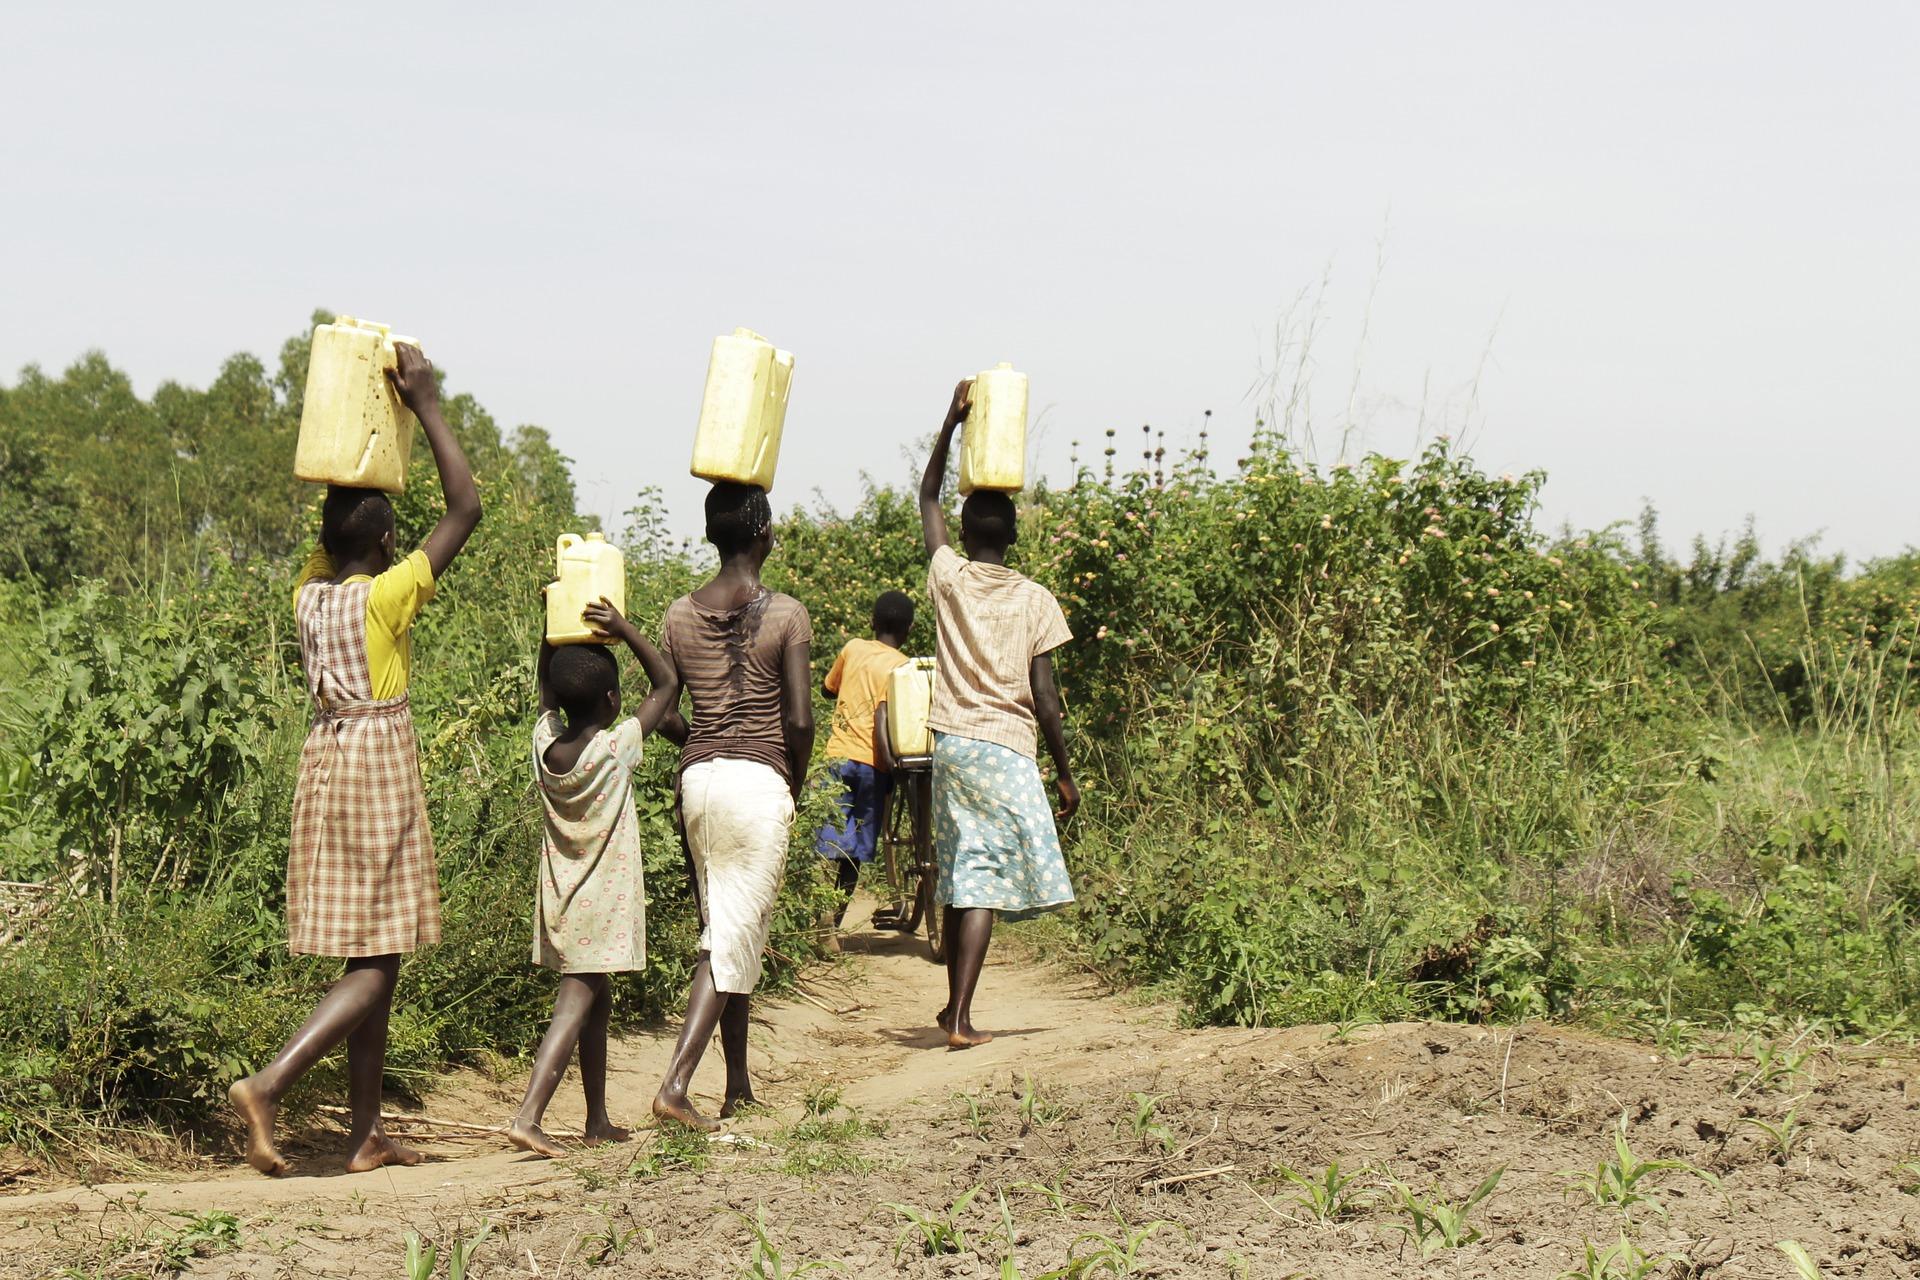 Brak dostępu do wody i żywności coraz większym zagrożeniem dla ludzkości